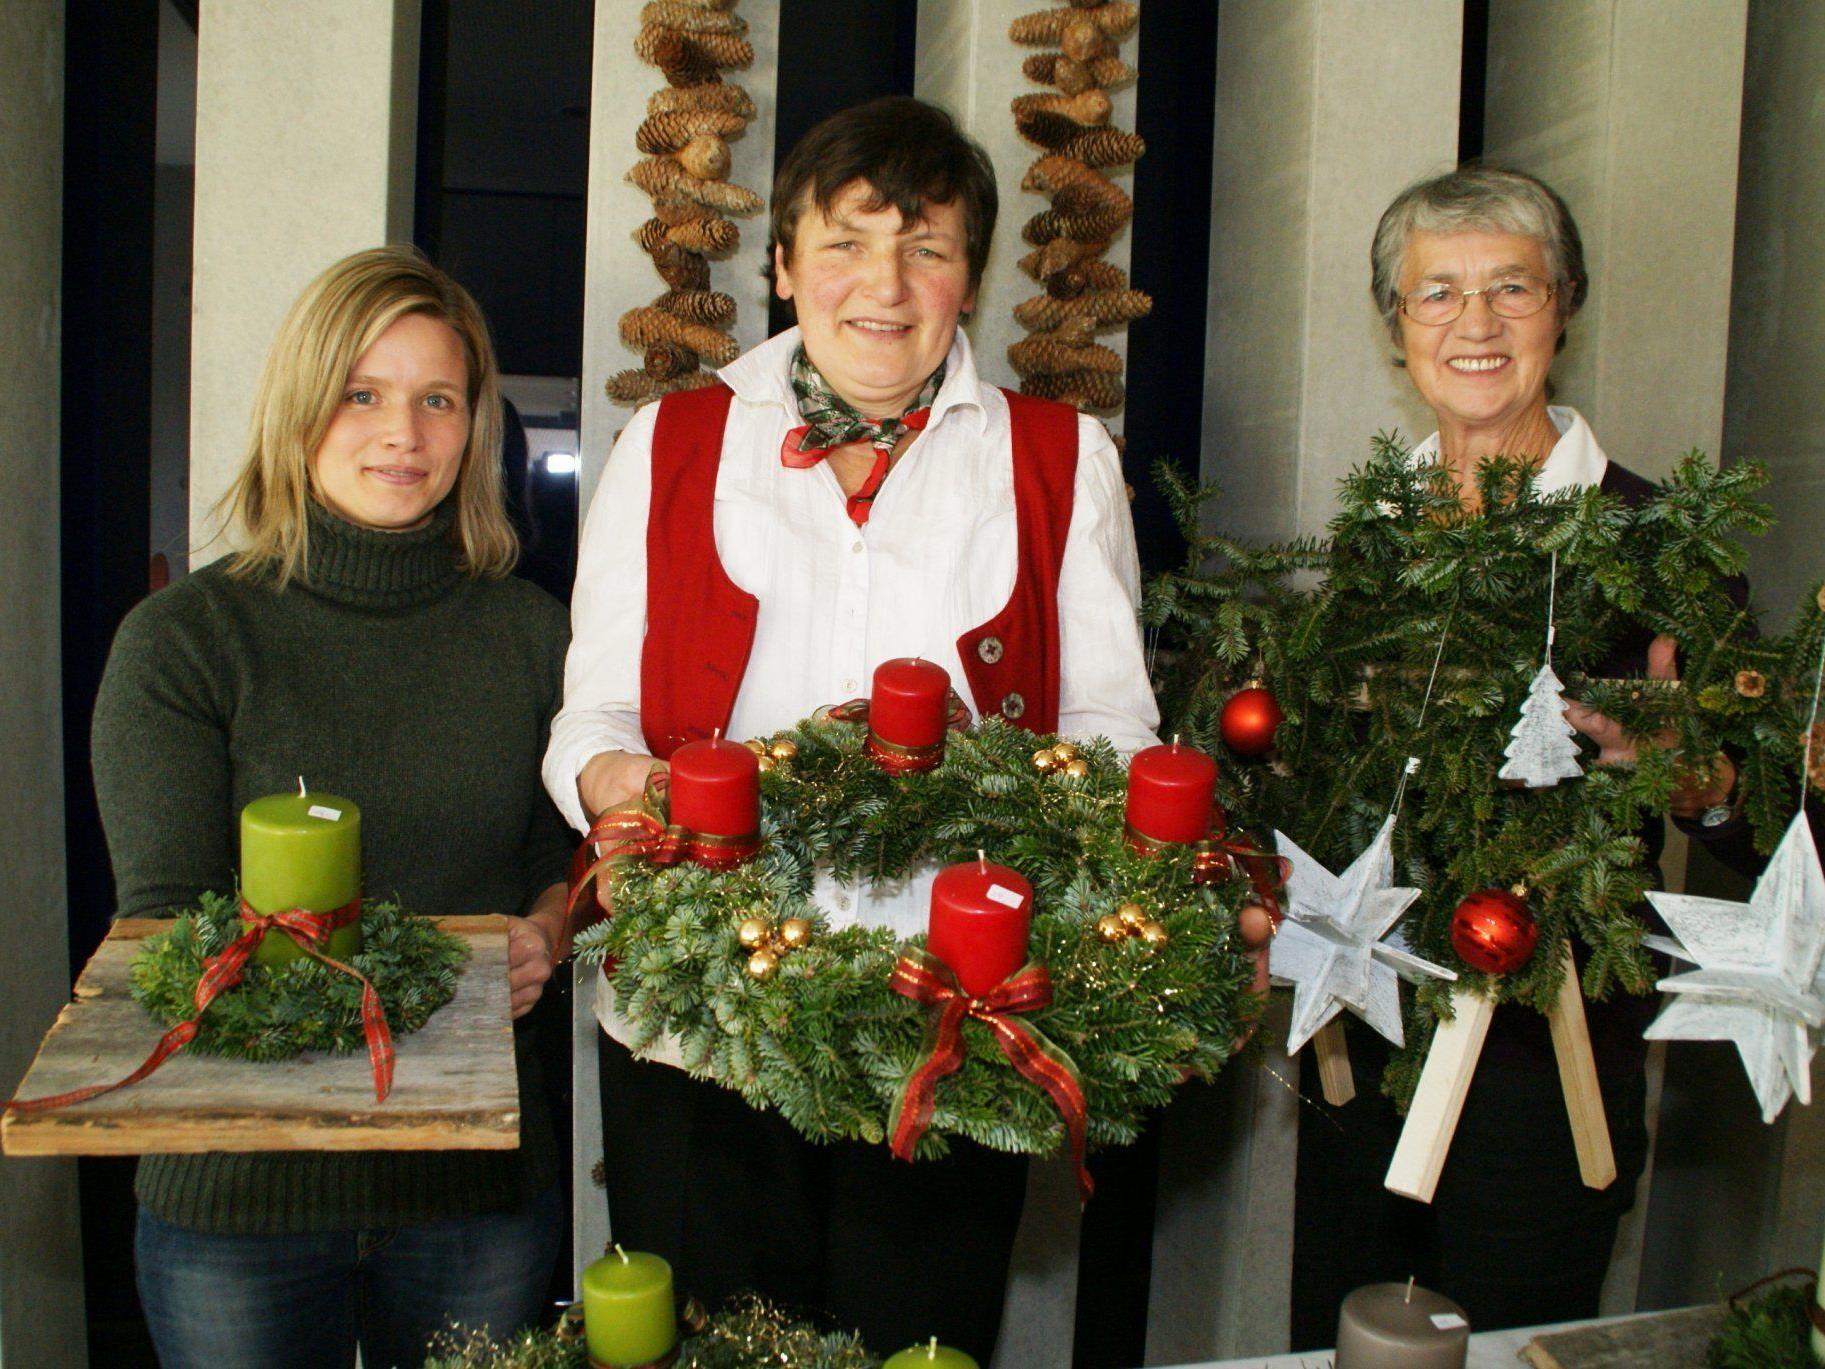 Nathalie Feurstein, Theresia Vögel und Pia Waldner präsentieren adventliche Dekorationen.